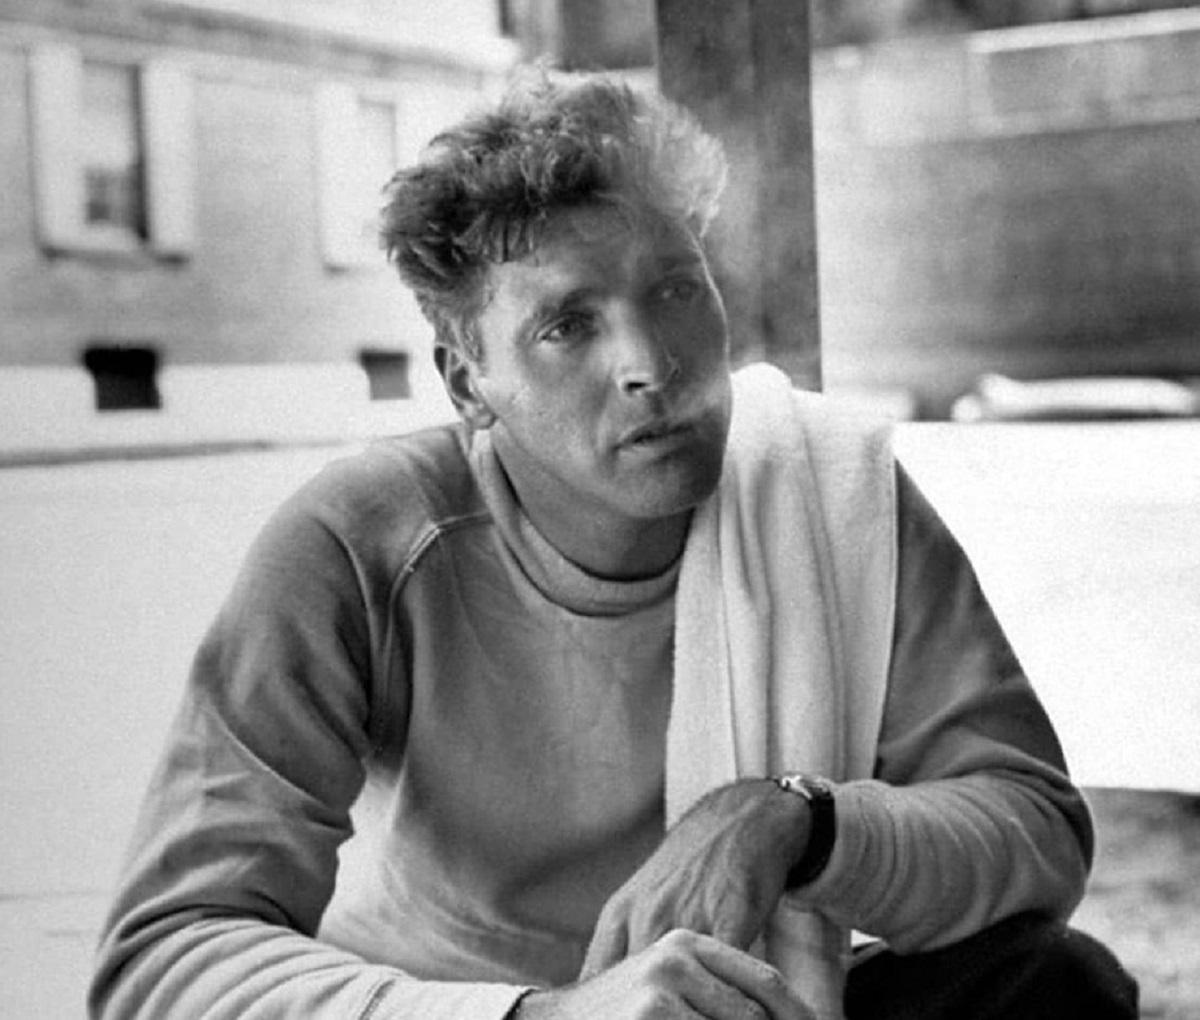 Chi era Burt Lancaster: tutto sull'attore statunitense